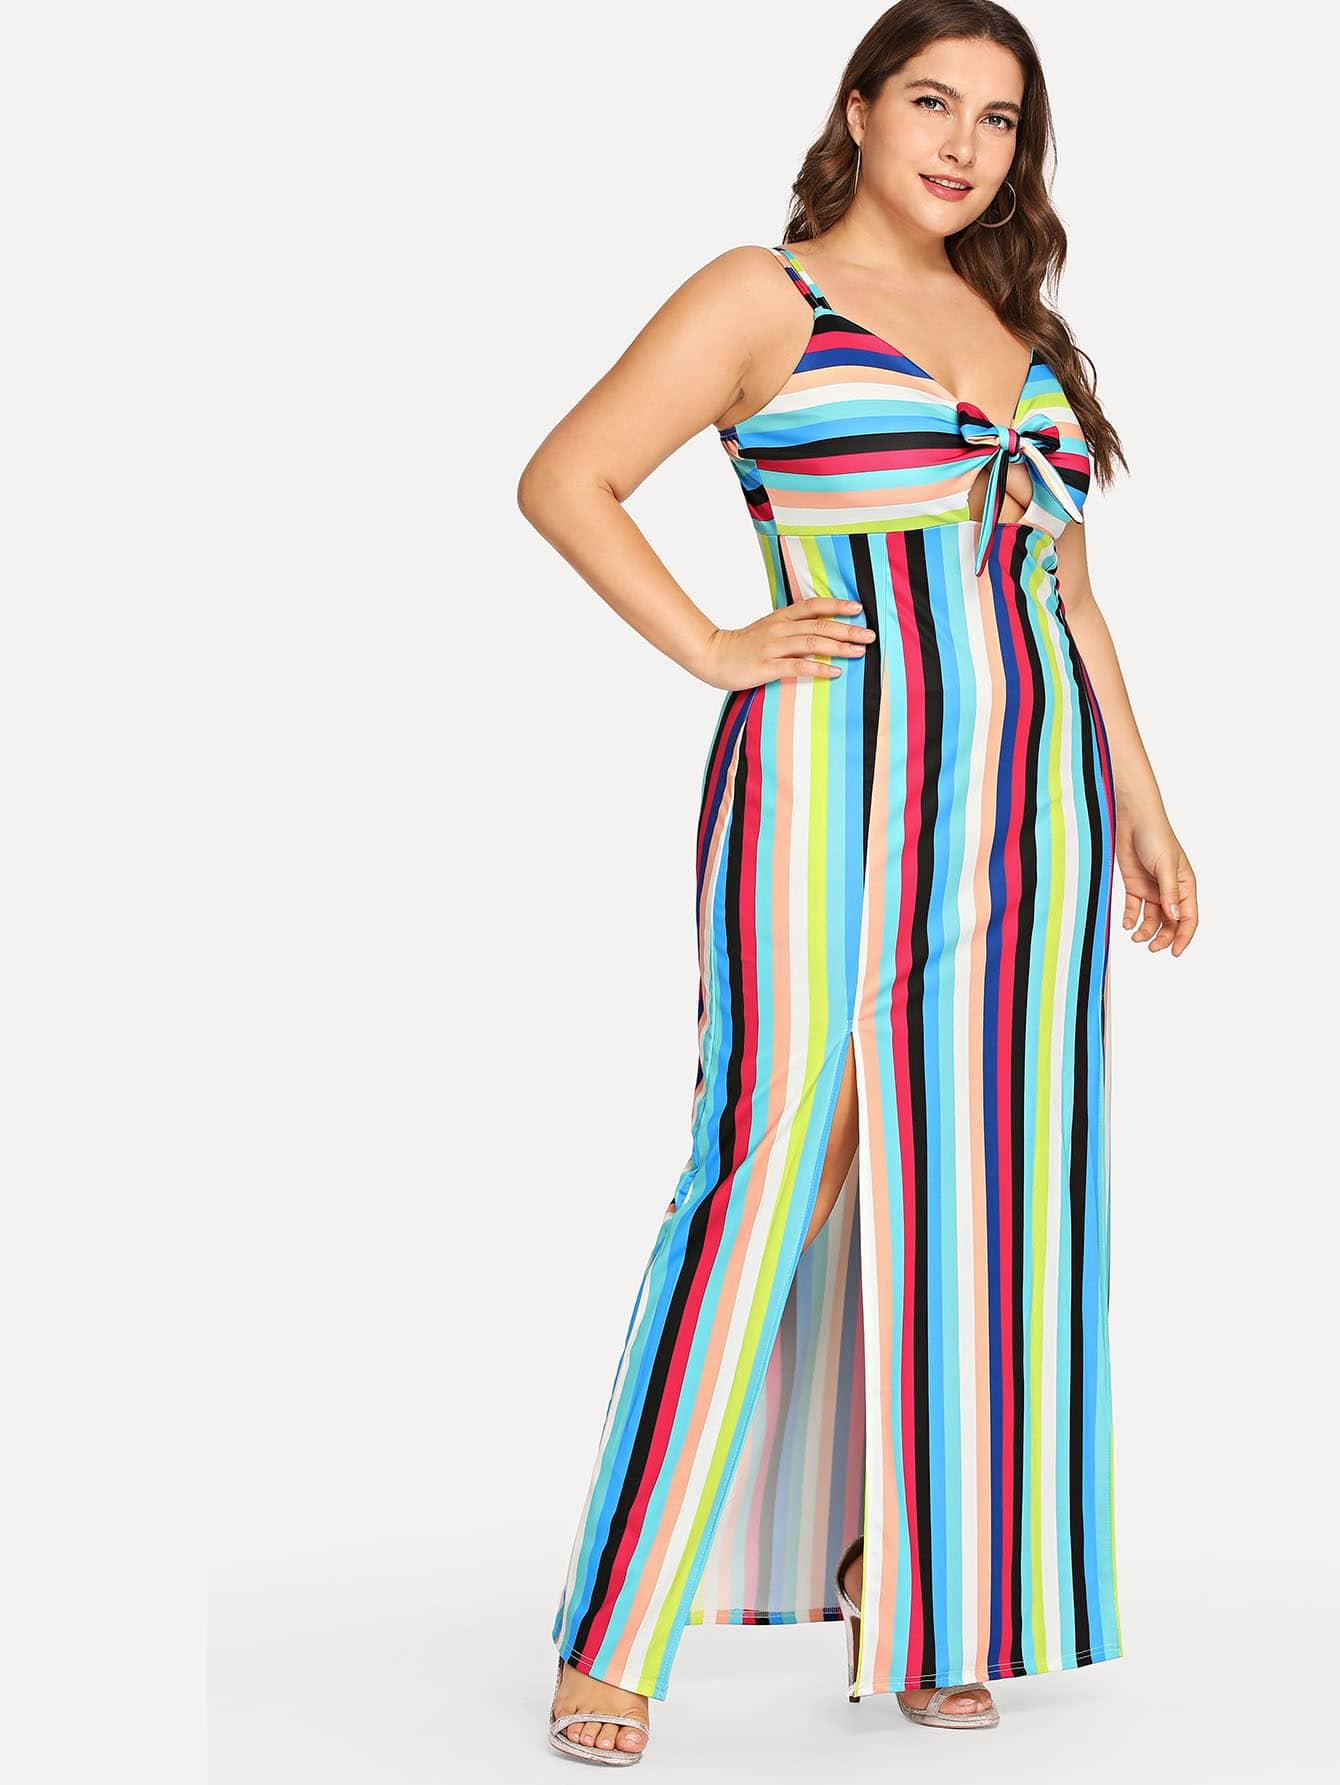 Купить Большое полосатое платье без бретелек и с высоком воротником, Franziska, SheIn